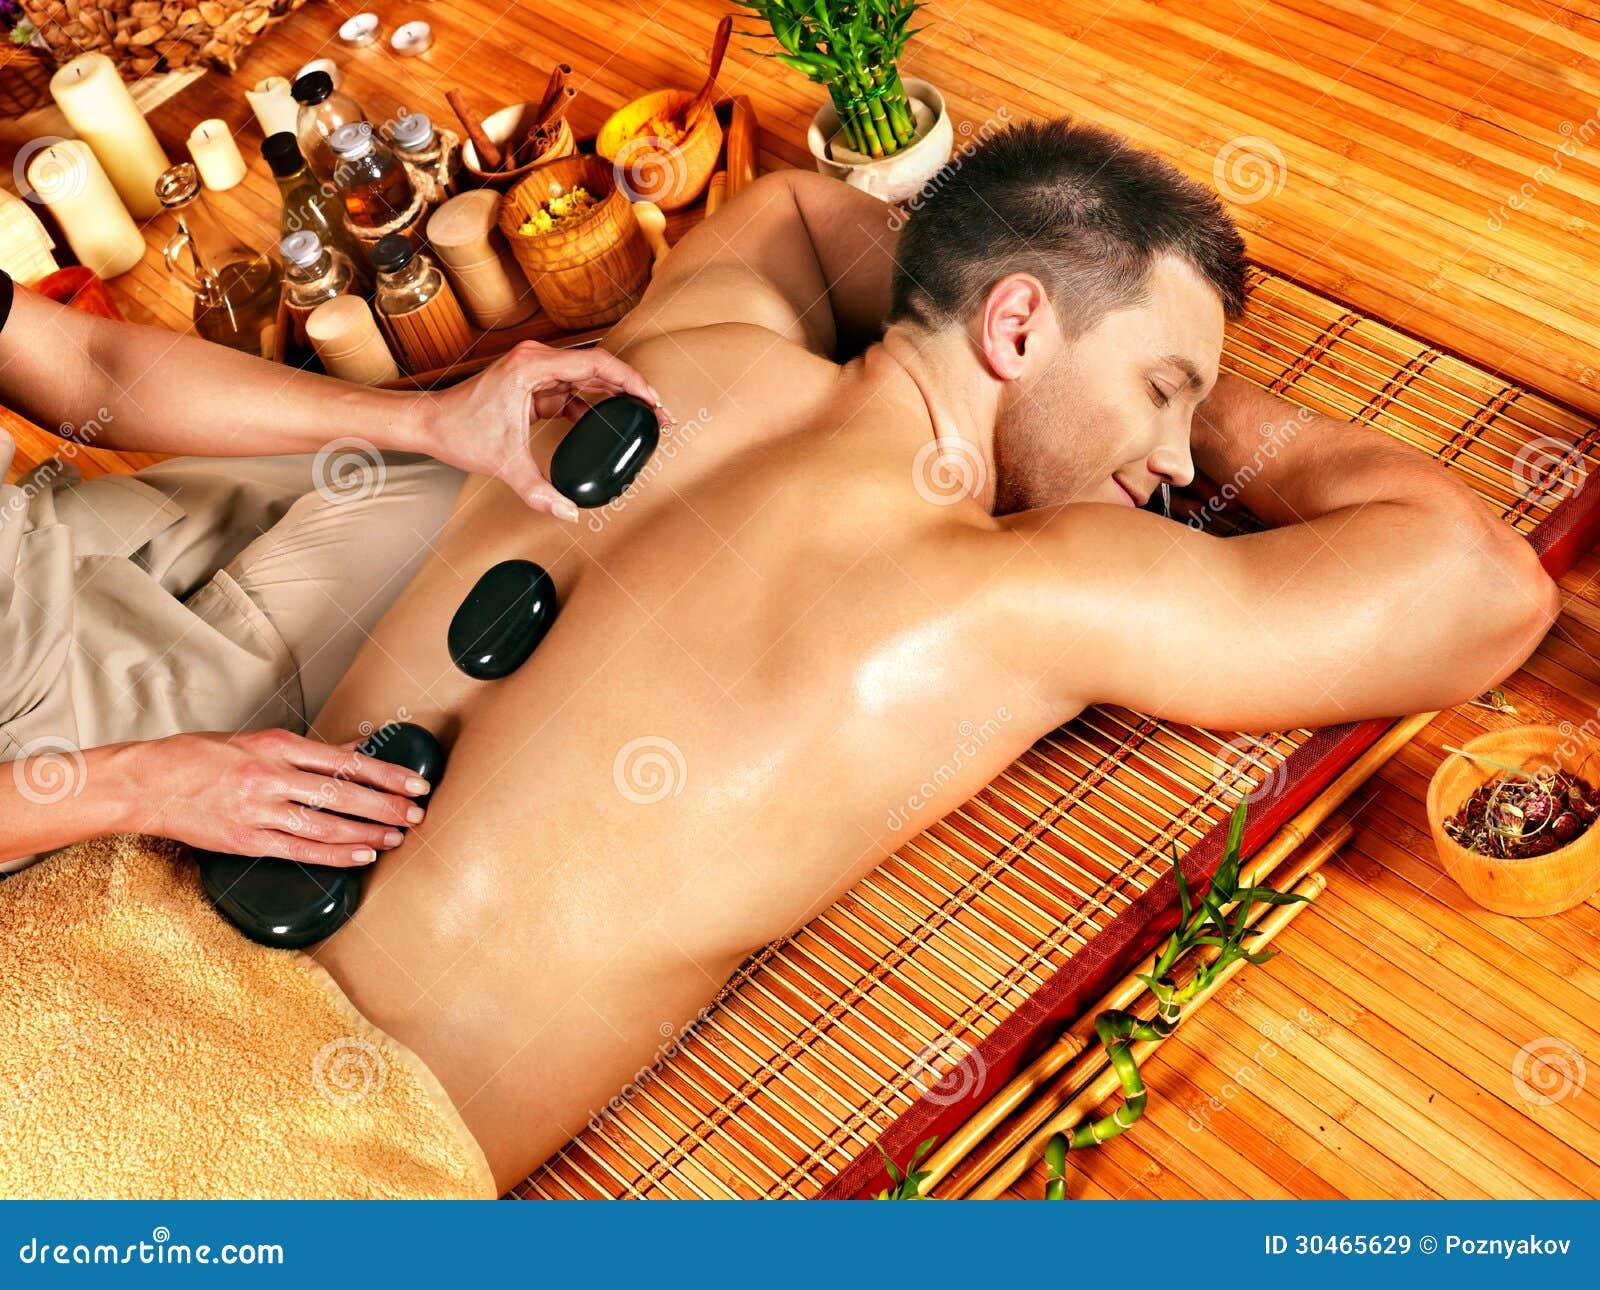 Страстная массажистка смотреть онлайн 21 фотография